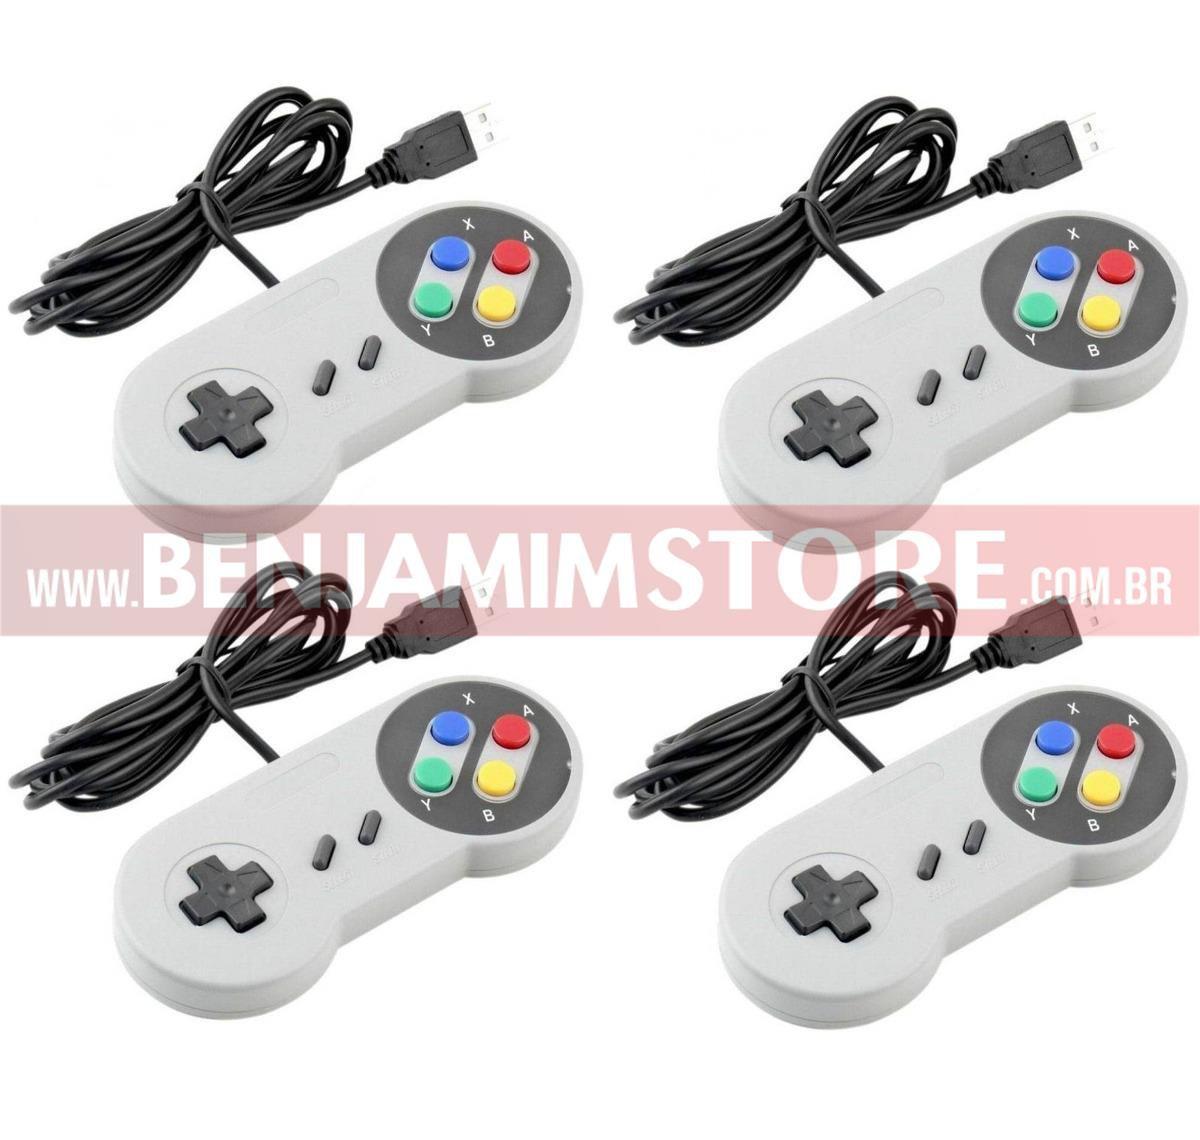 10 Controles USB Super Nintendo Snes Joystick Windows